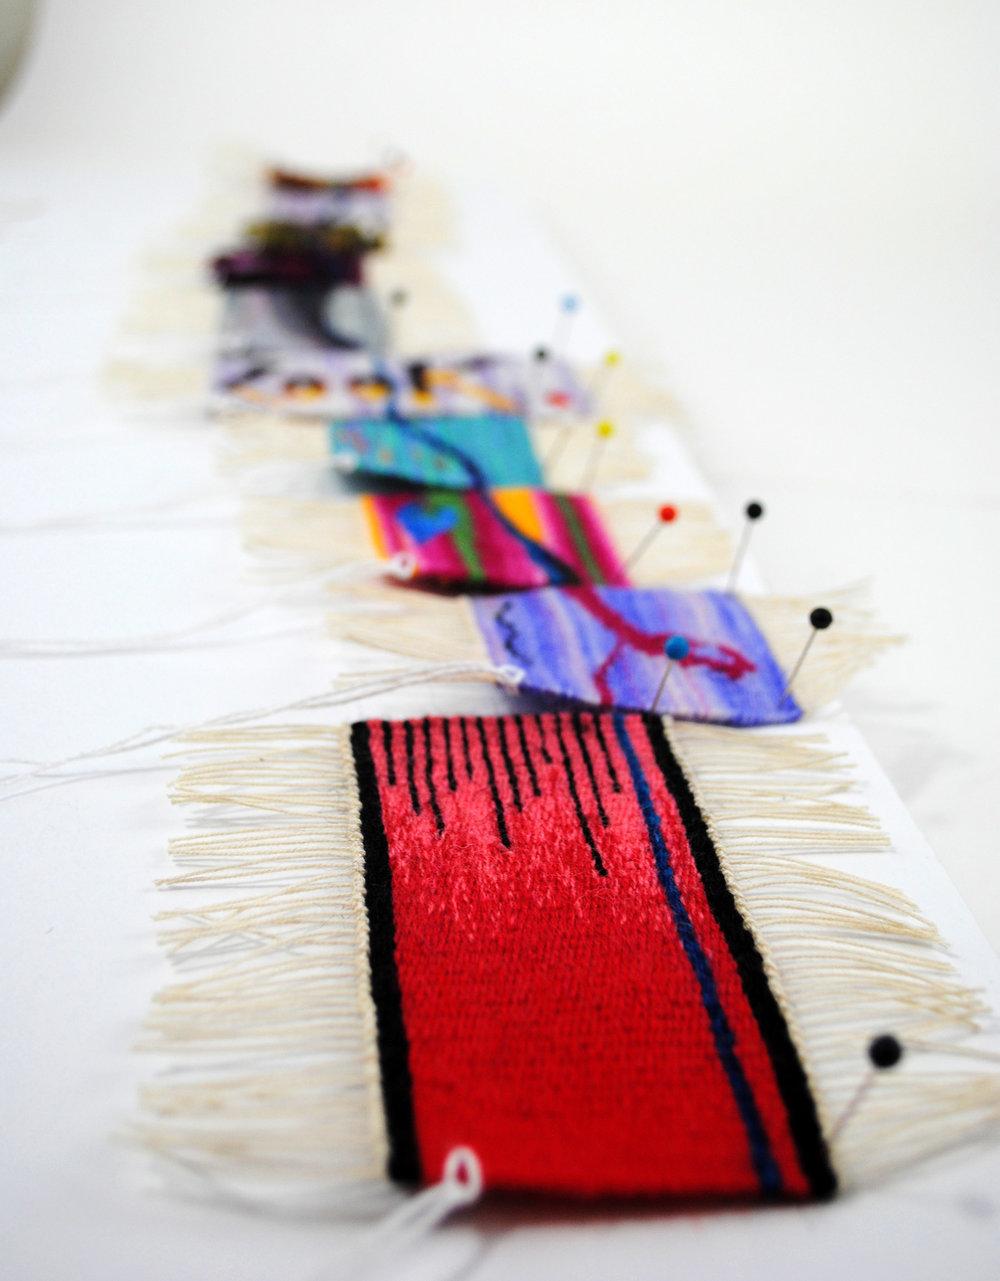 Rebecca Mezoff, Tapestry Diary, 2017-18